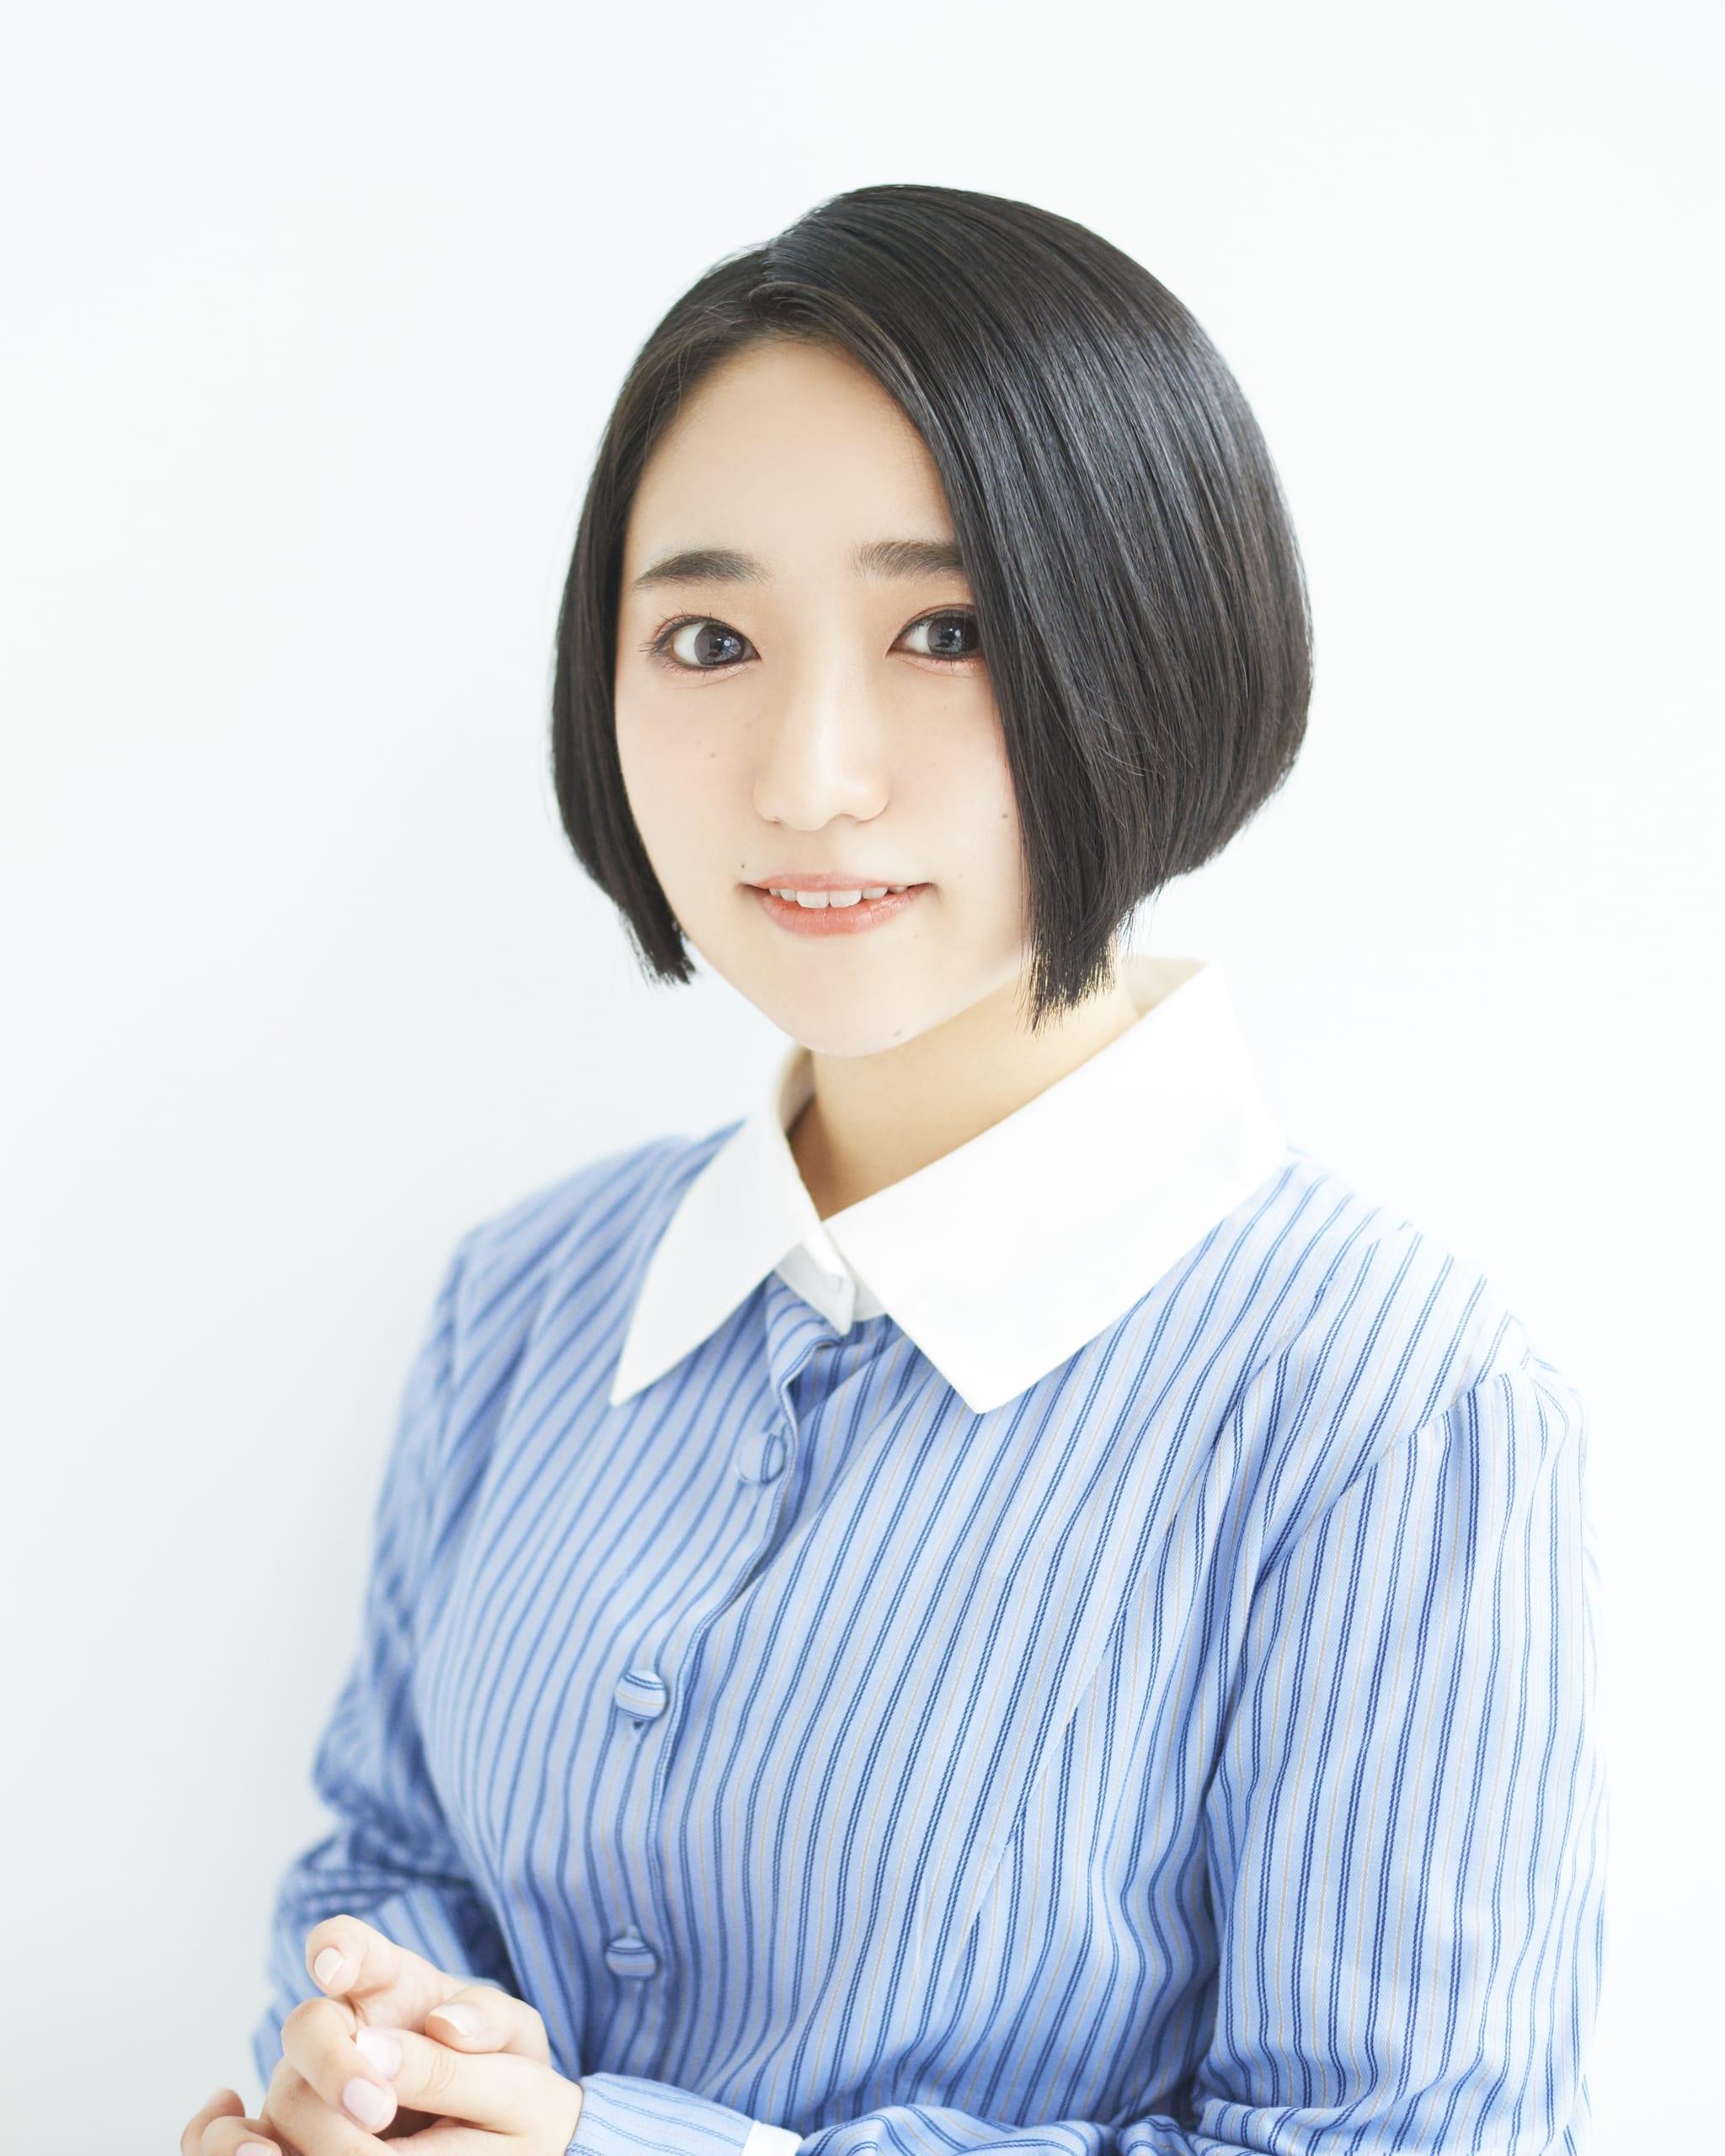 オーディオ小説 第2弾「no doubt +1」悠木碧さん